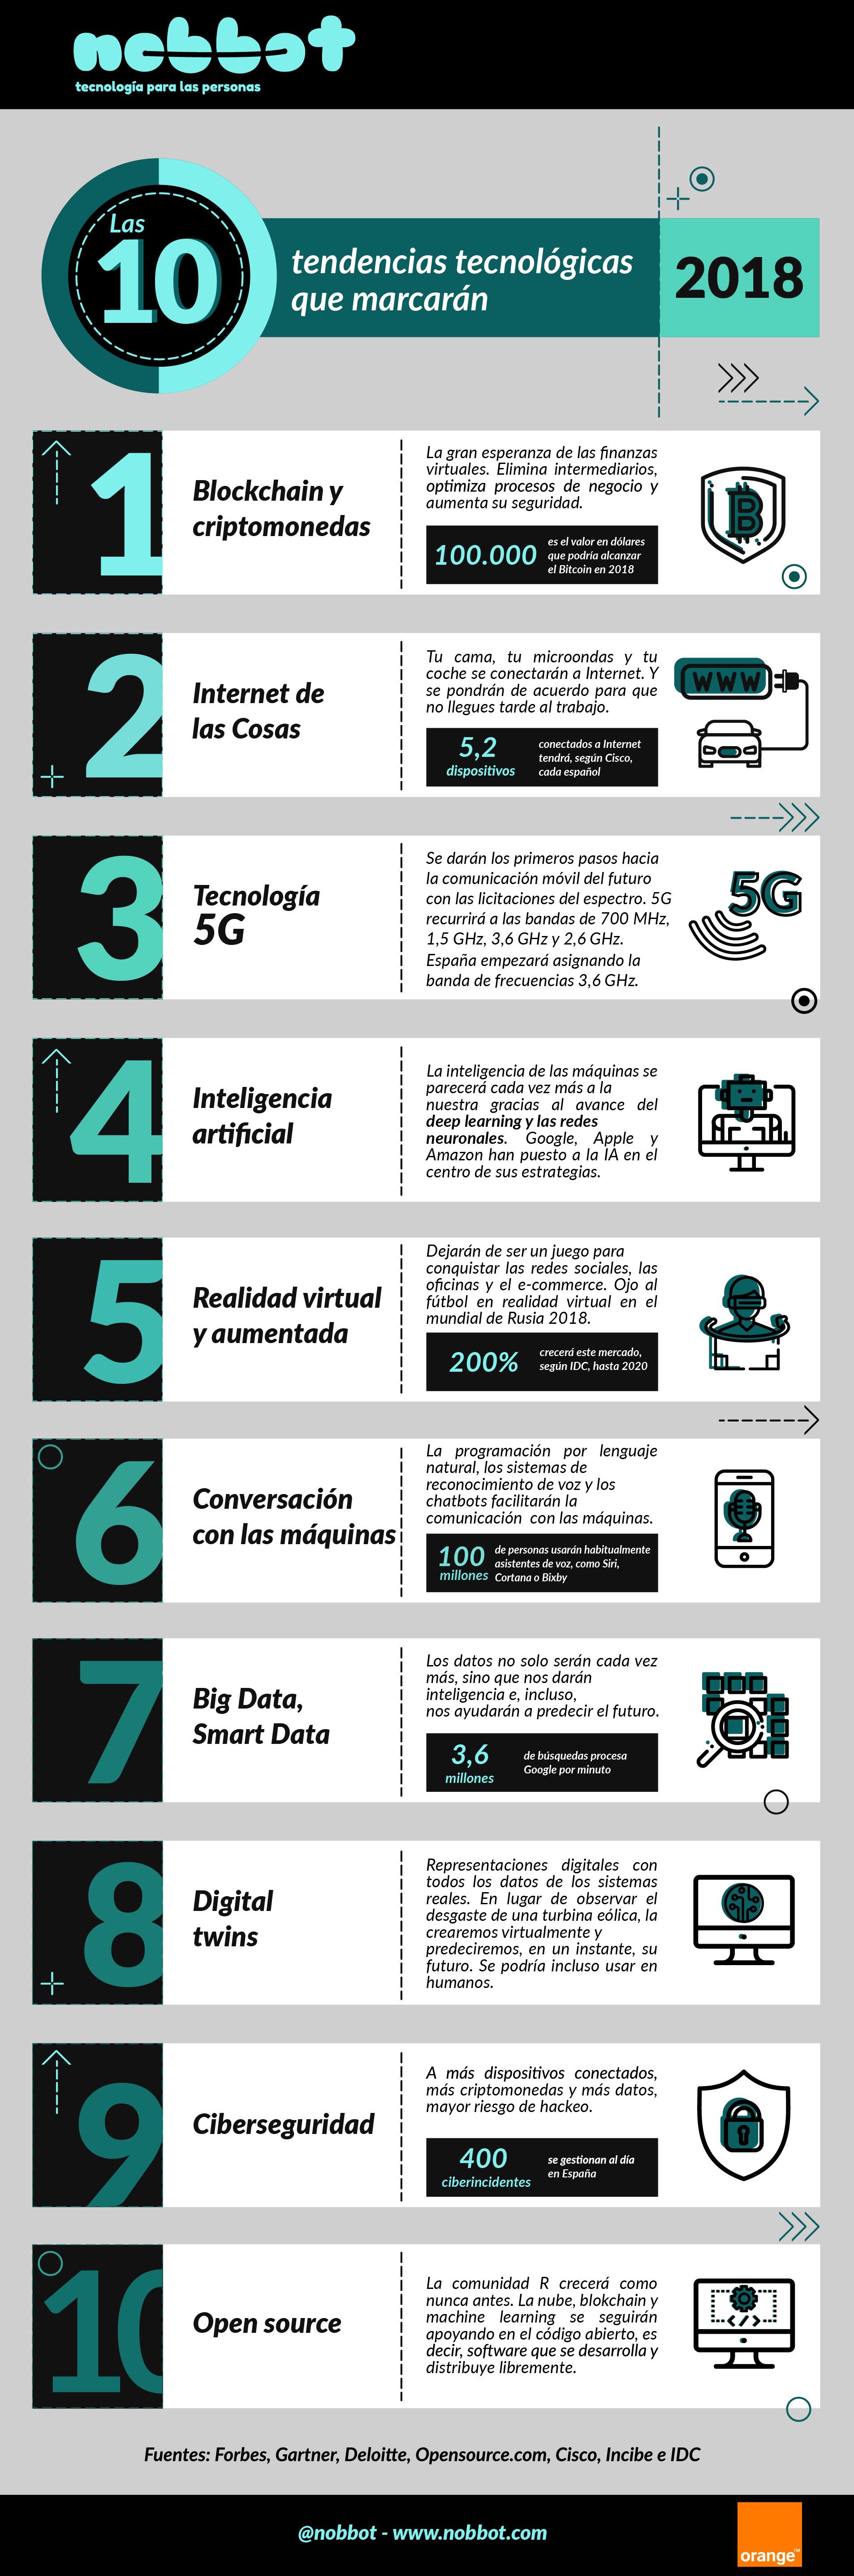 Las 10 tendencias tecnológicas que marcarán 2018